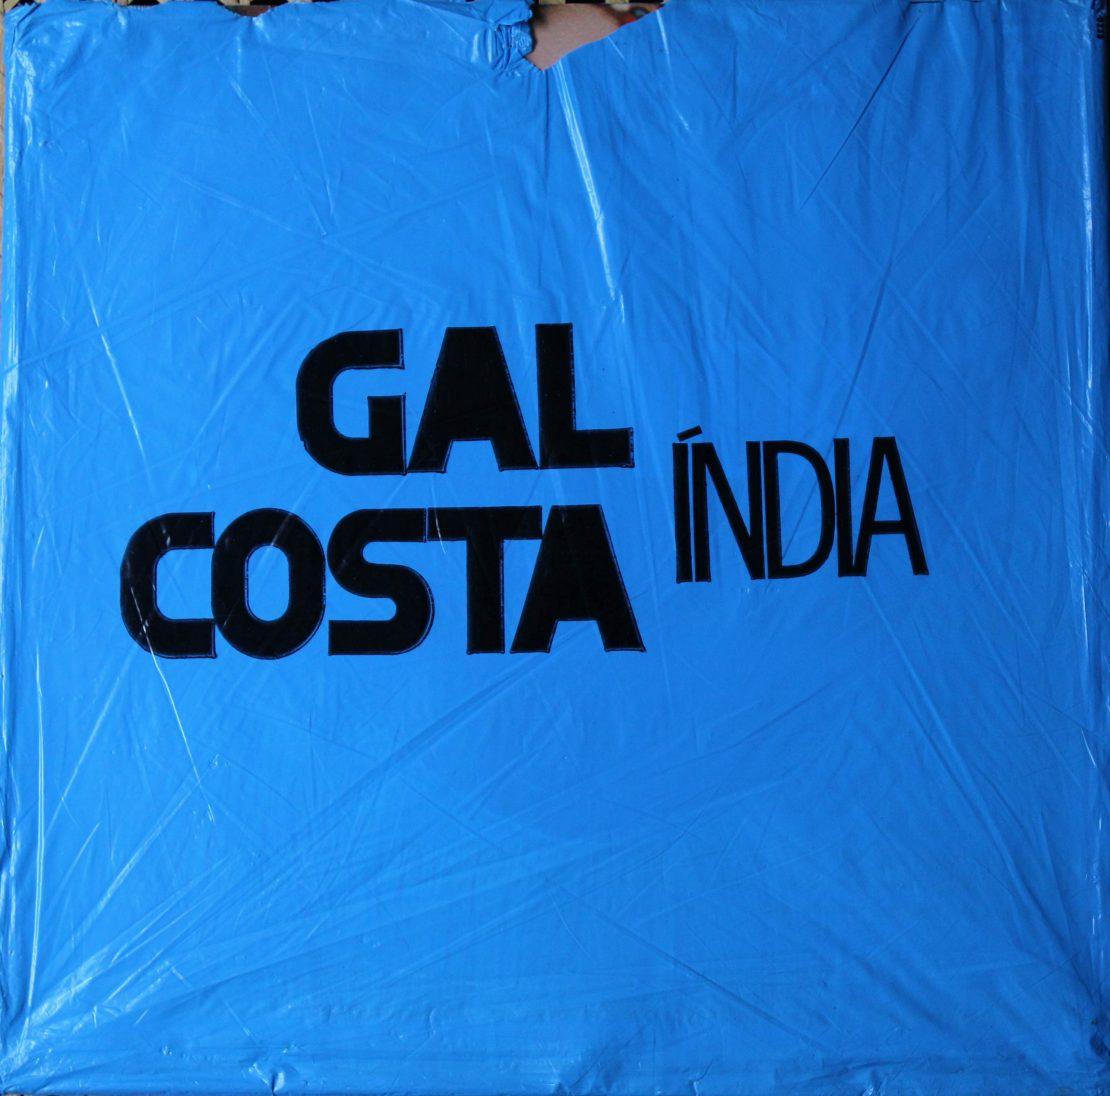 Reprodução de capa do disco de Gal Costa